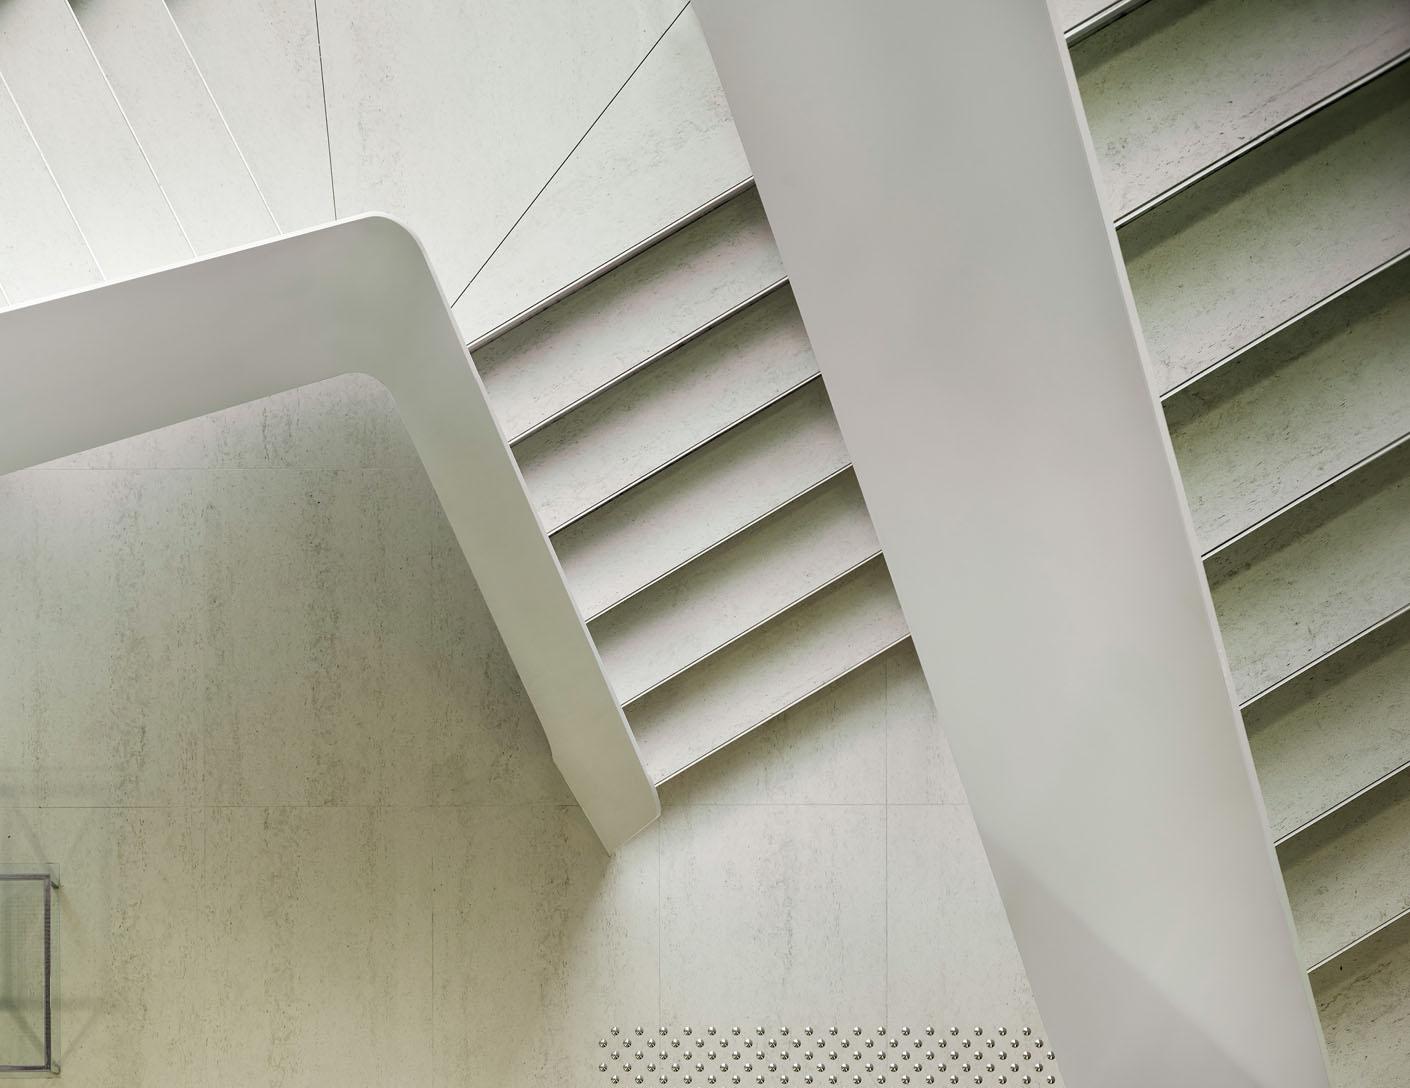 Image of sol arq suelos y pav escaleras in Floor Coverings - Cosentino